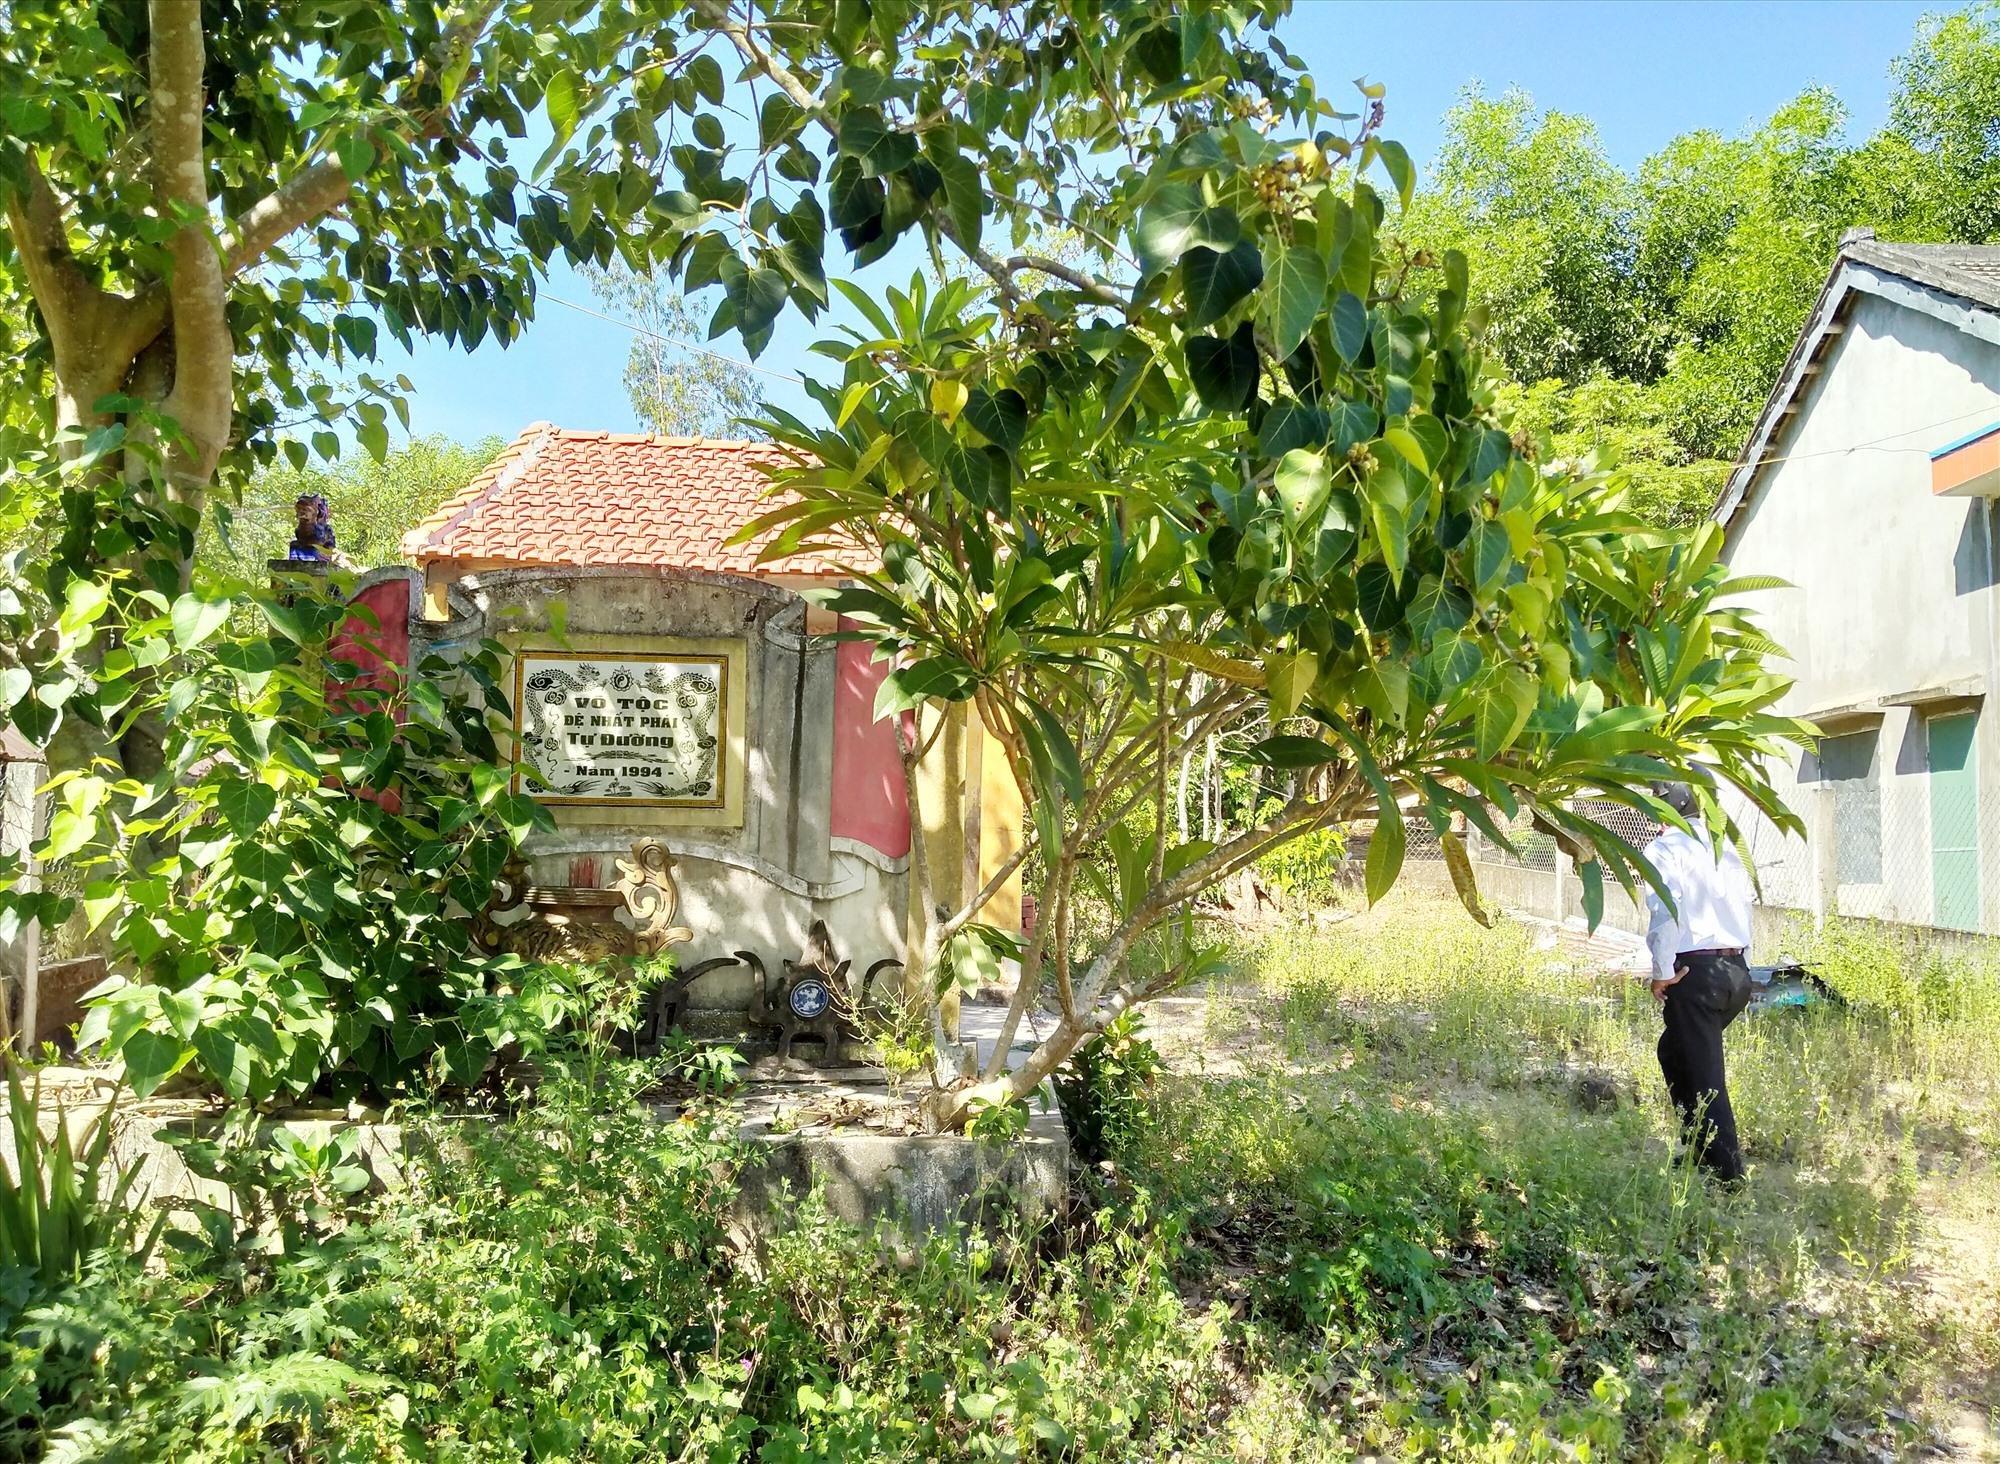 Diện tích đất có nhà thờ từ đường tộc Võ phái nhất đã được cấp sổ đỏ cho vợ chồng bà Hoàng Thị Ngọc Ánh. Ảnh: N.Đ